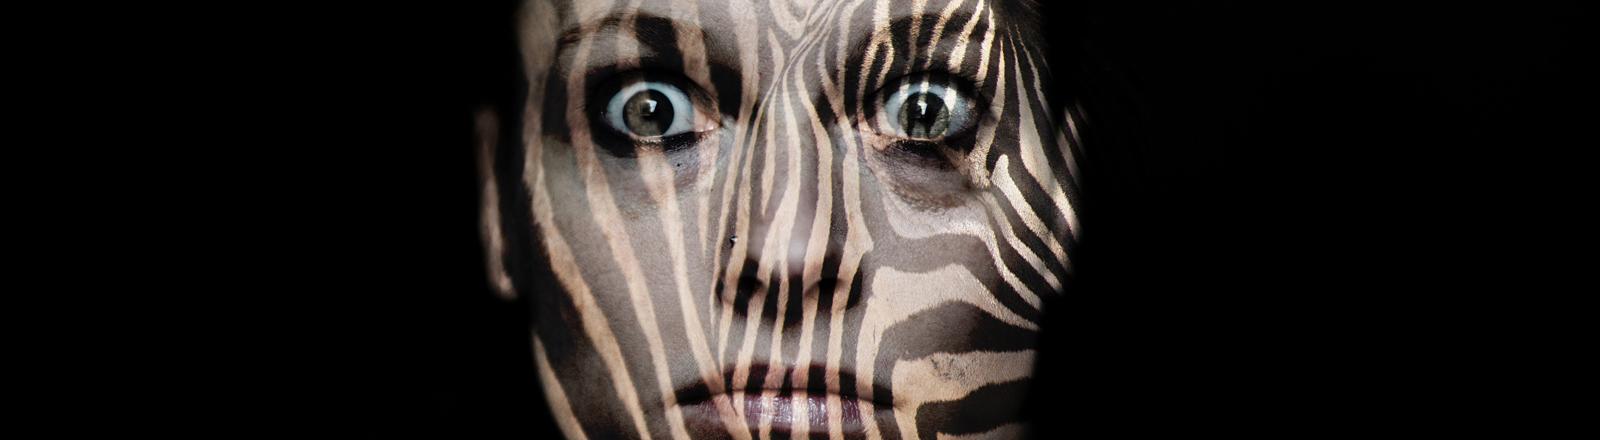 Frau mit Zebramuster im Gesicht